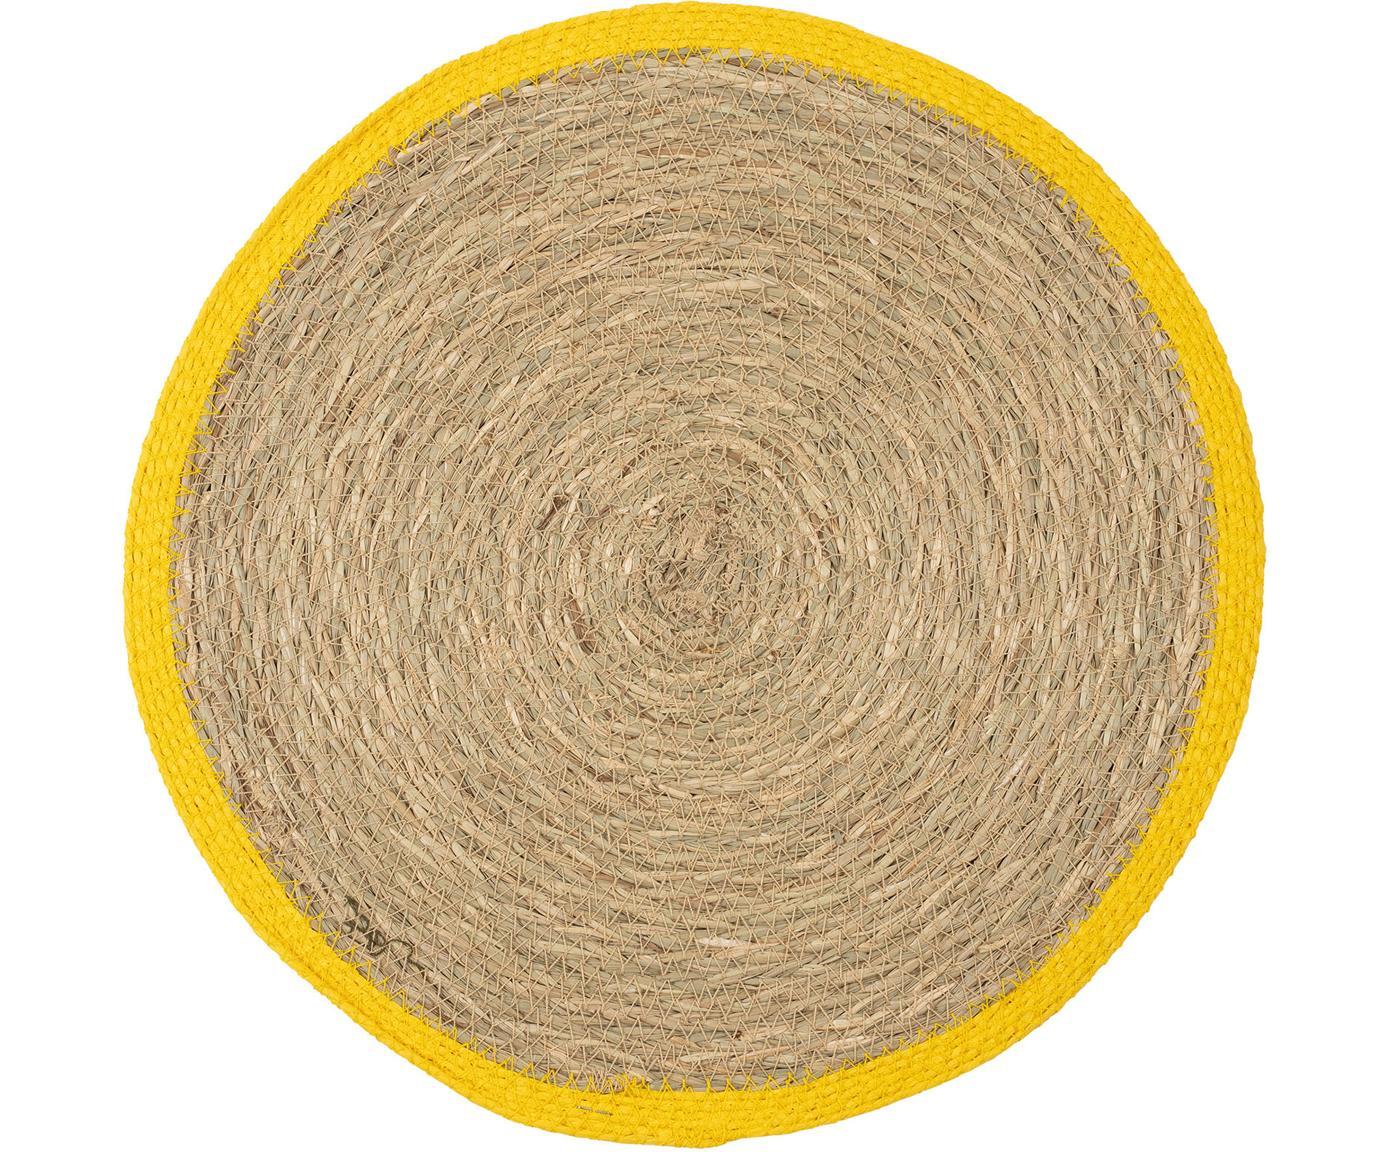 Okrągła podkładka Boho, 2 szt., Trawa morska, Beżowy, żółty, Ø 35 cm